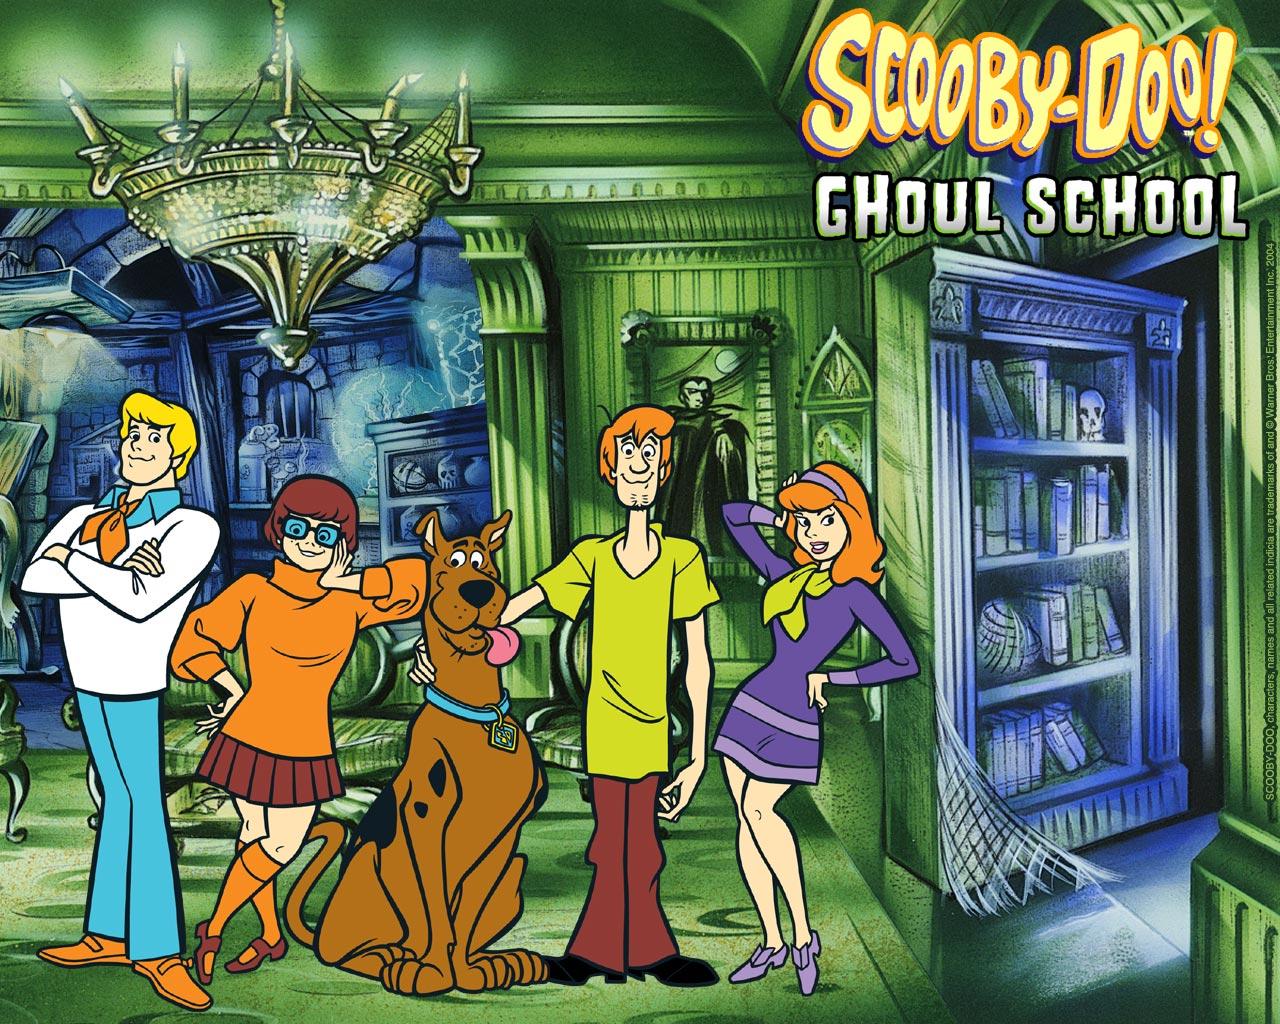 Scooby Doo Ghoul School